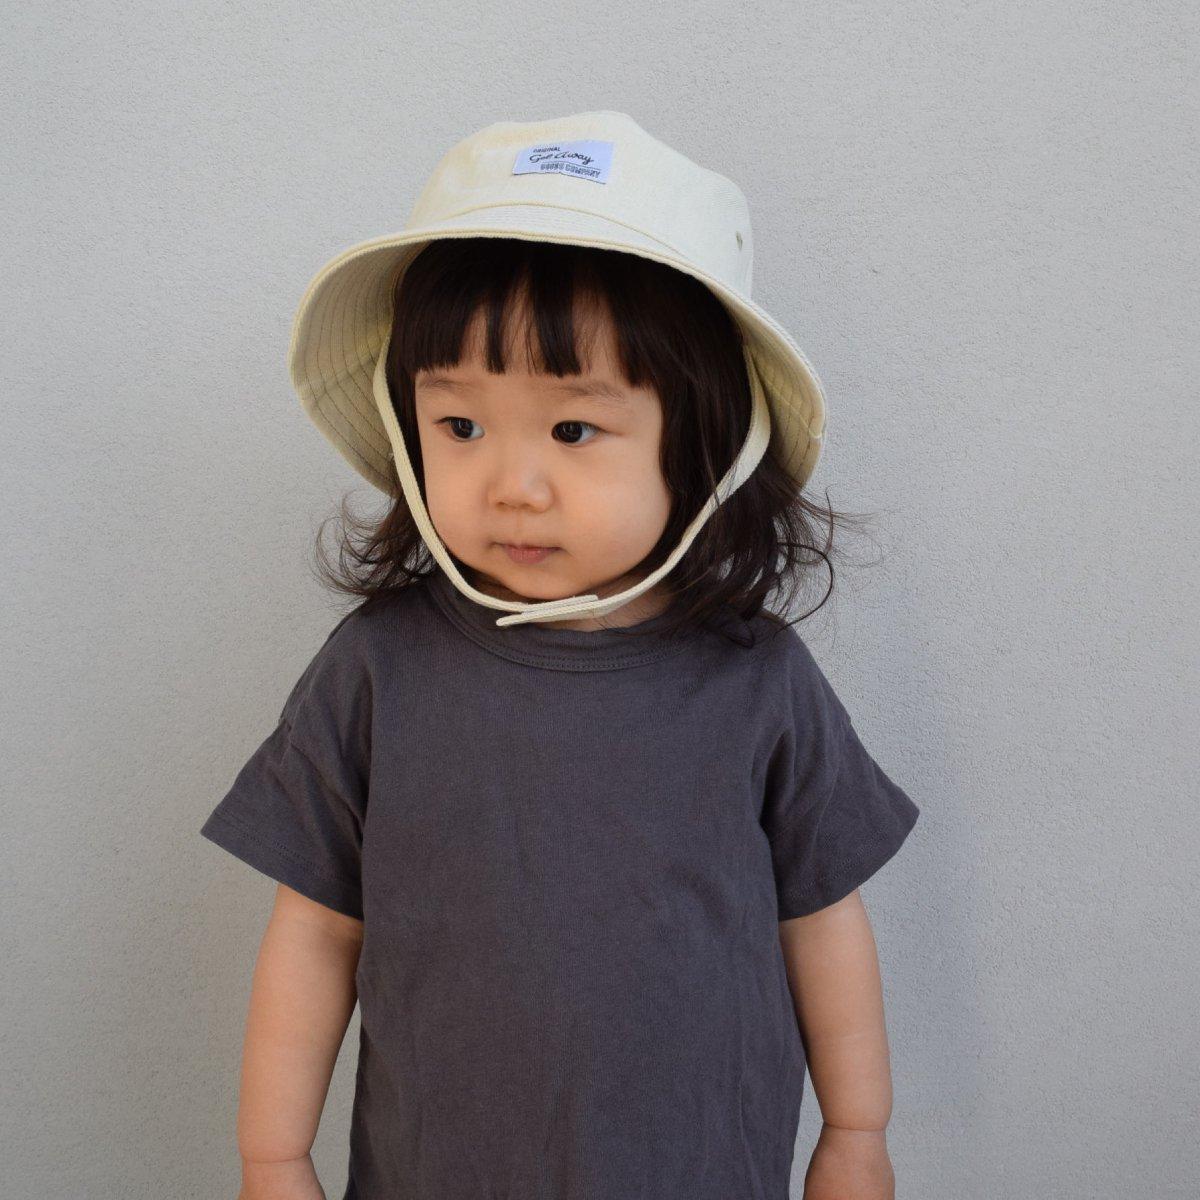 【BABY】Denim Wash Hat 詳細画像20